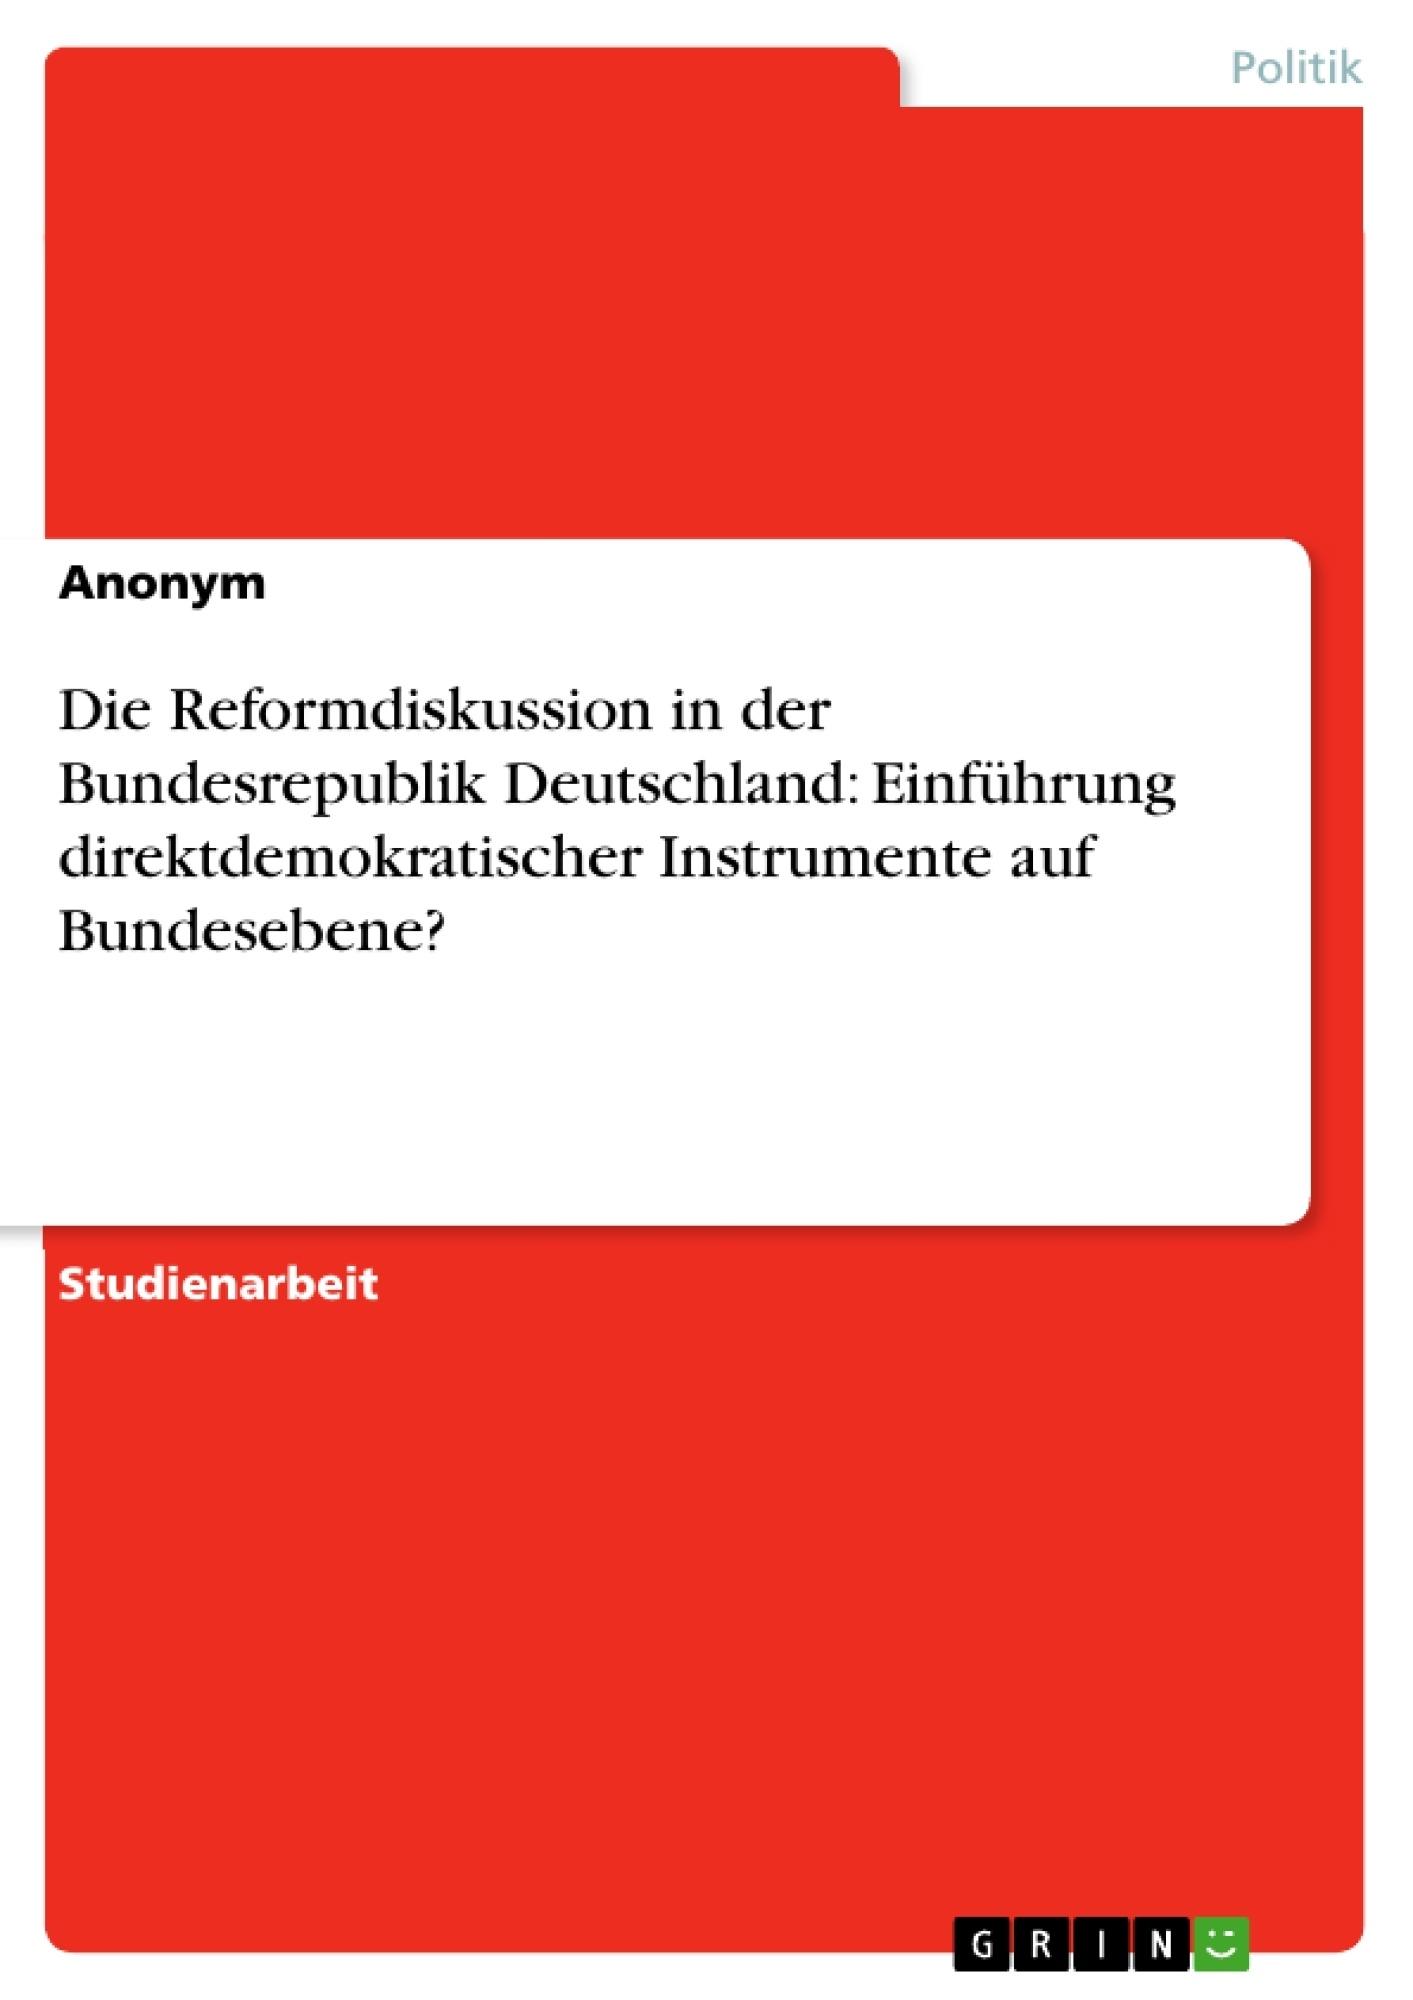 Titel: Die Reformdiskussion in der Bundesrepublik Deutschland:  Einführung direktdemokratischer Instrumente auf Bundesebene?